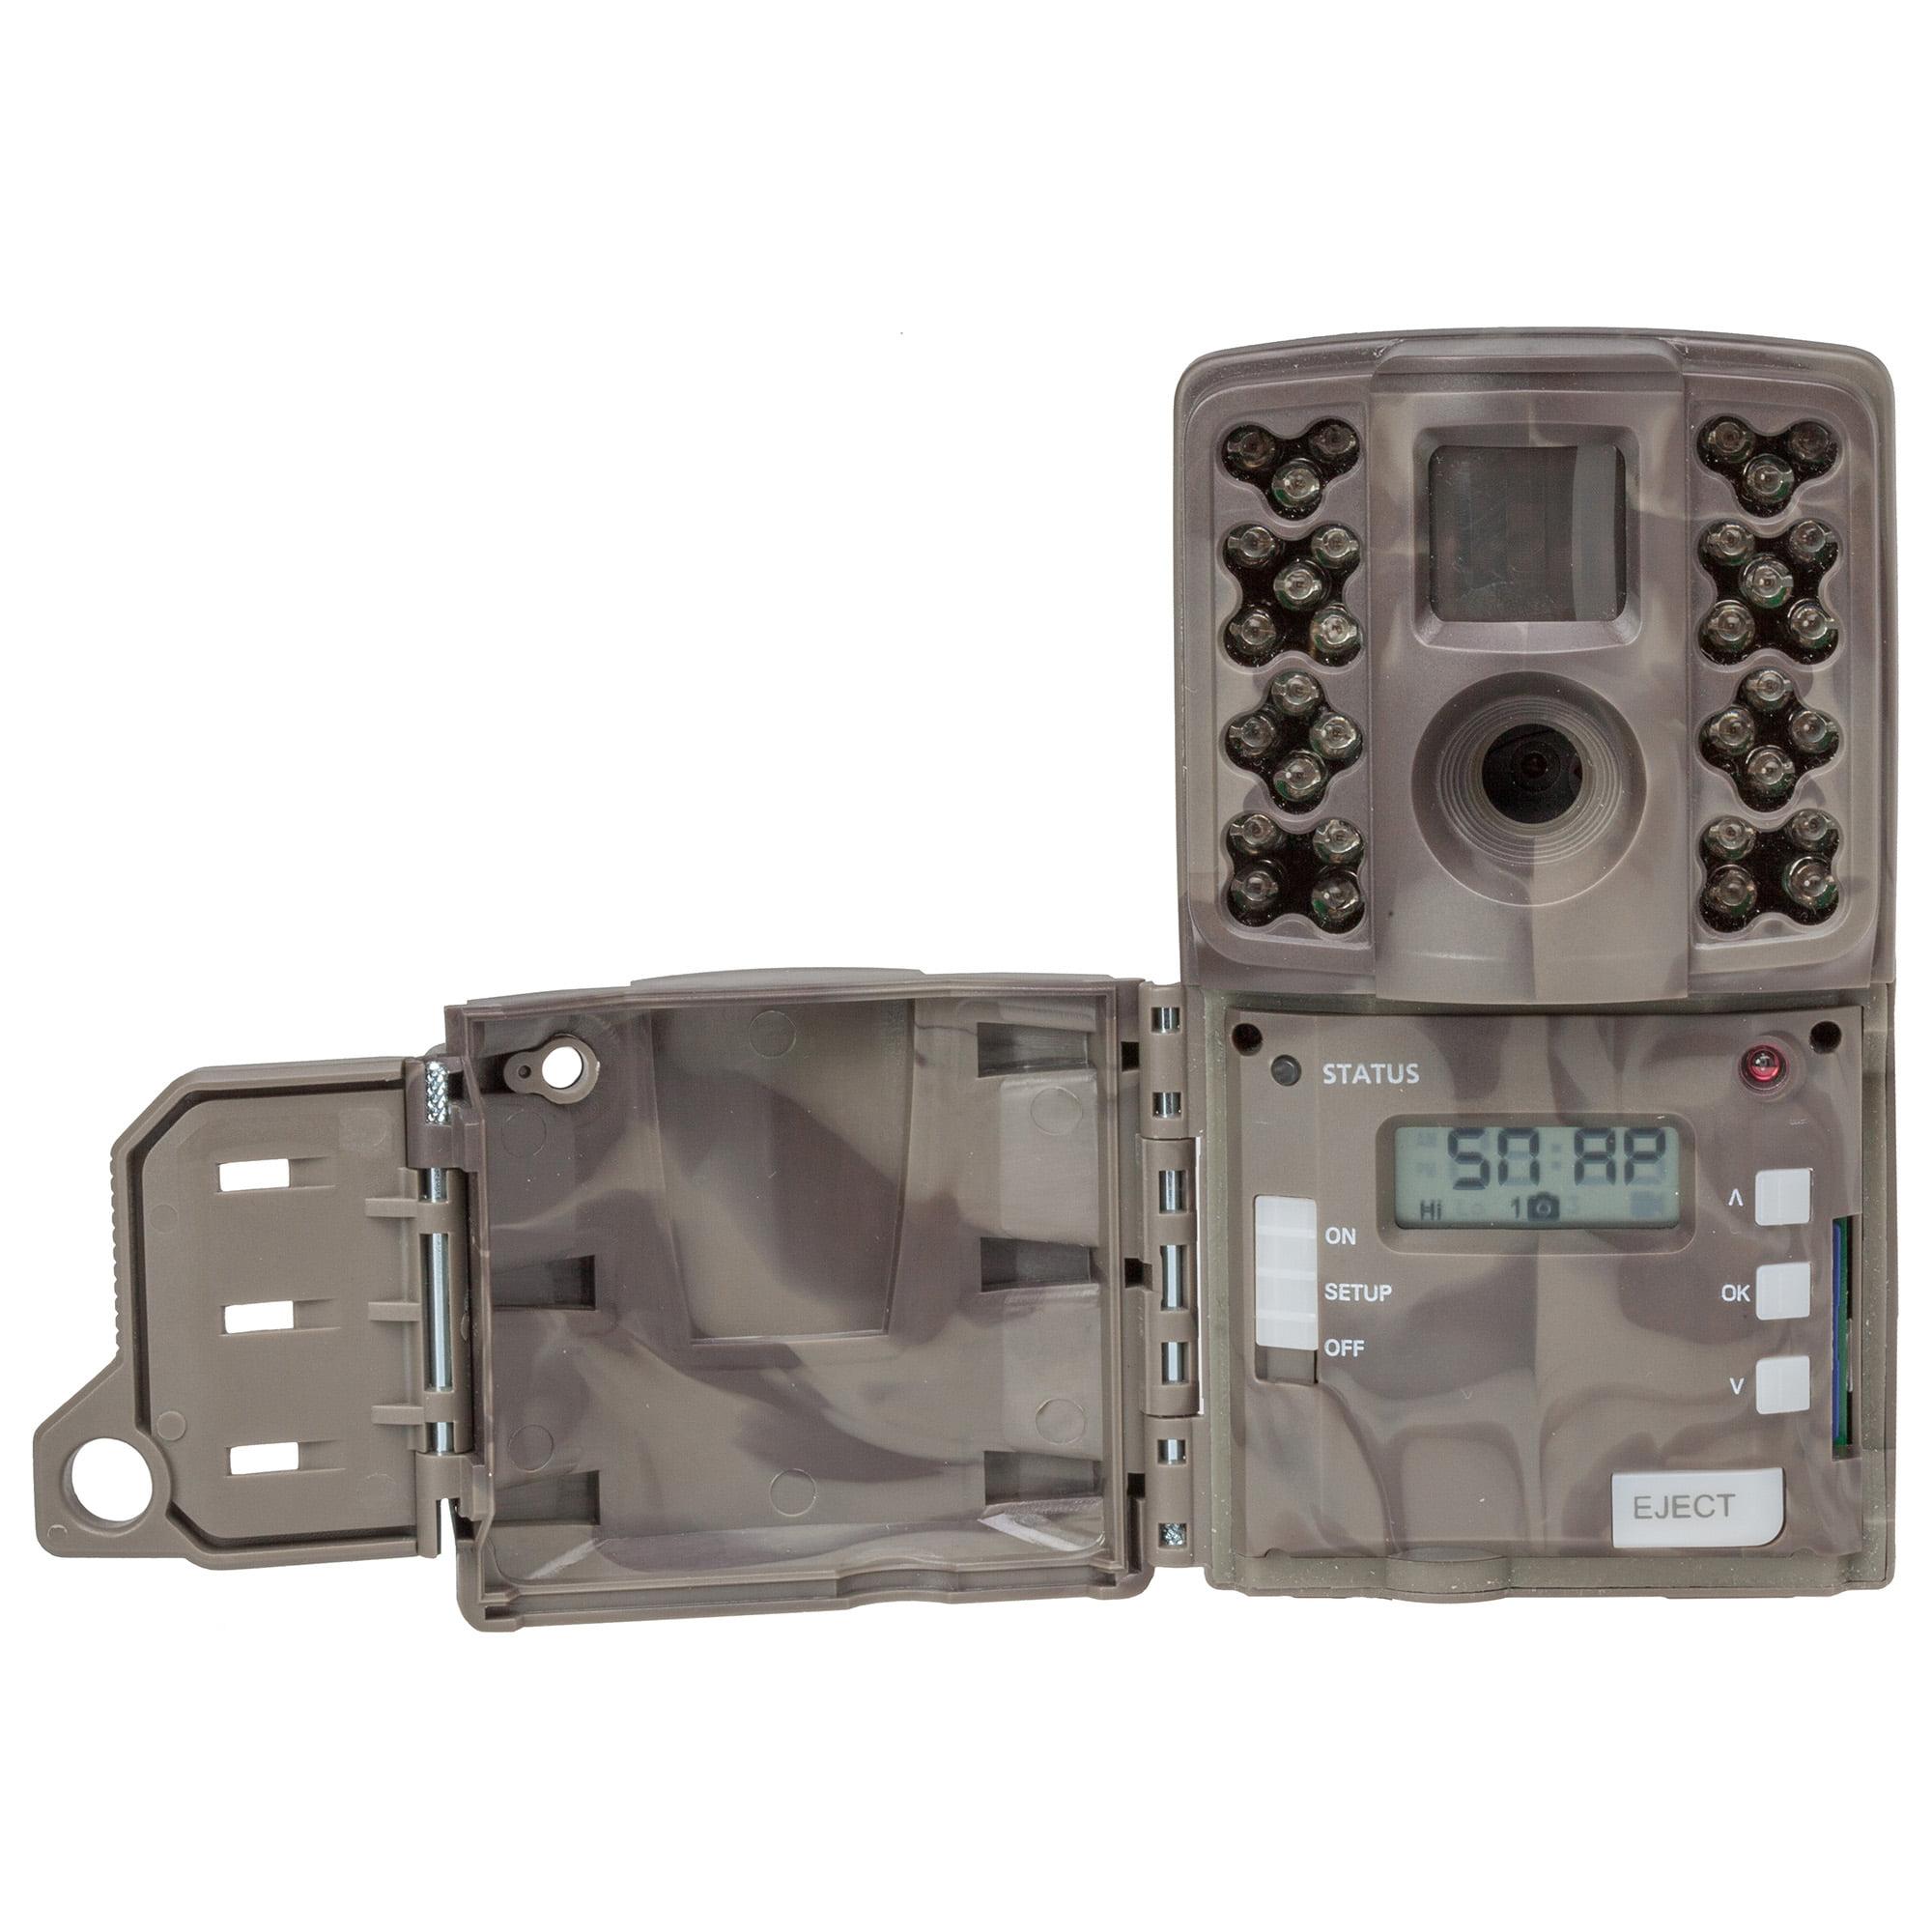 Moultrie A20i Game Camera, 12MP - Walmart.com